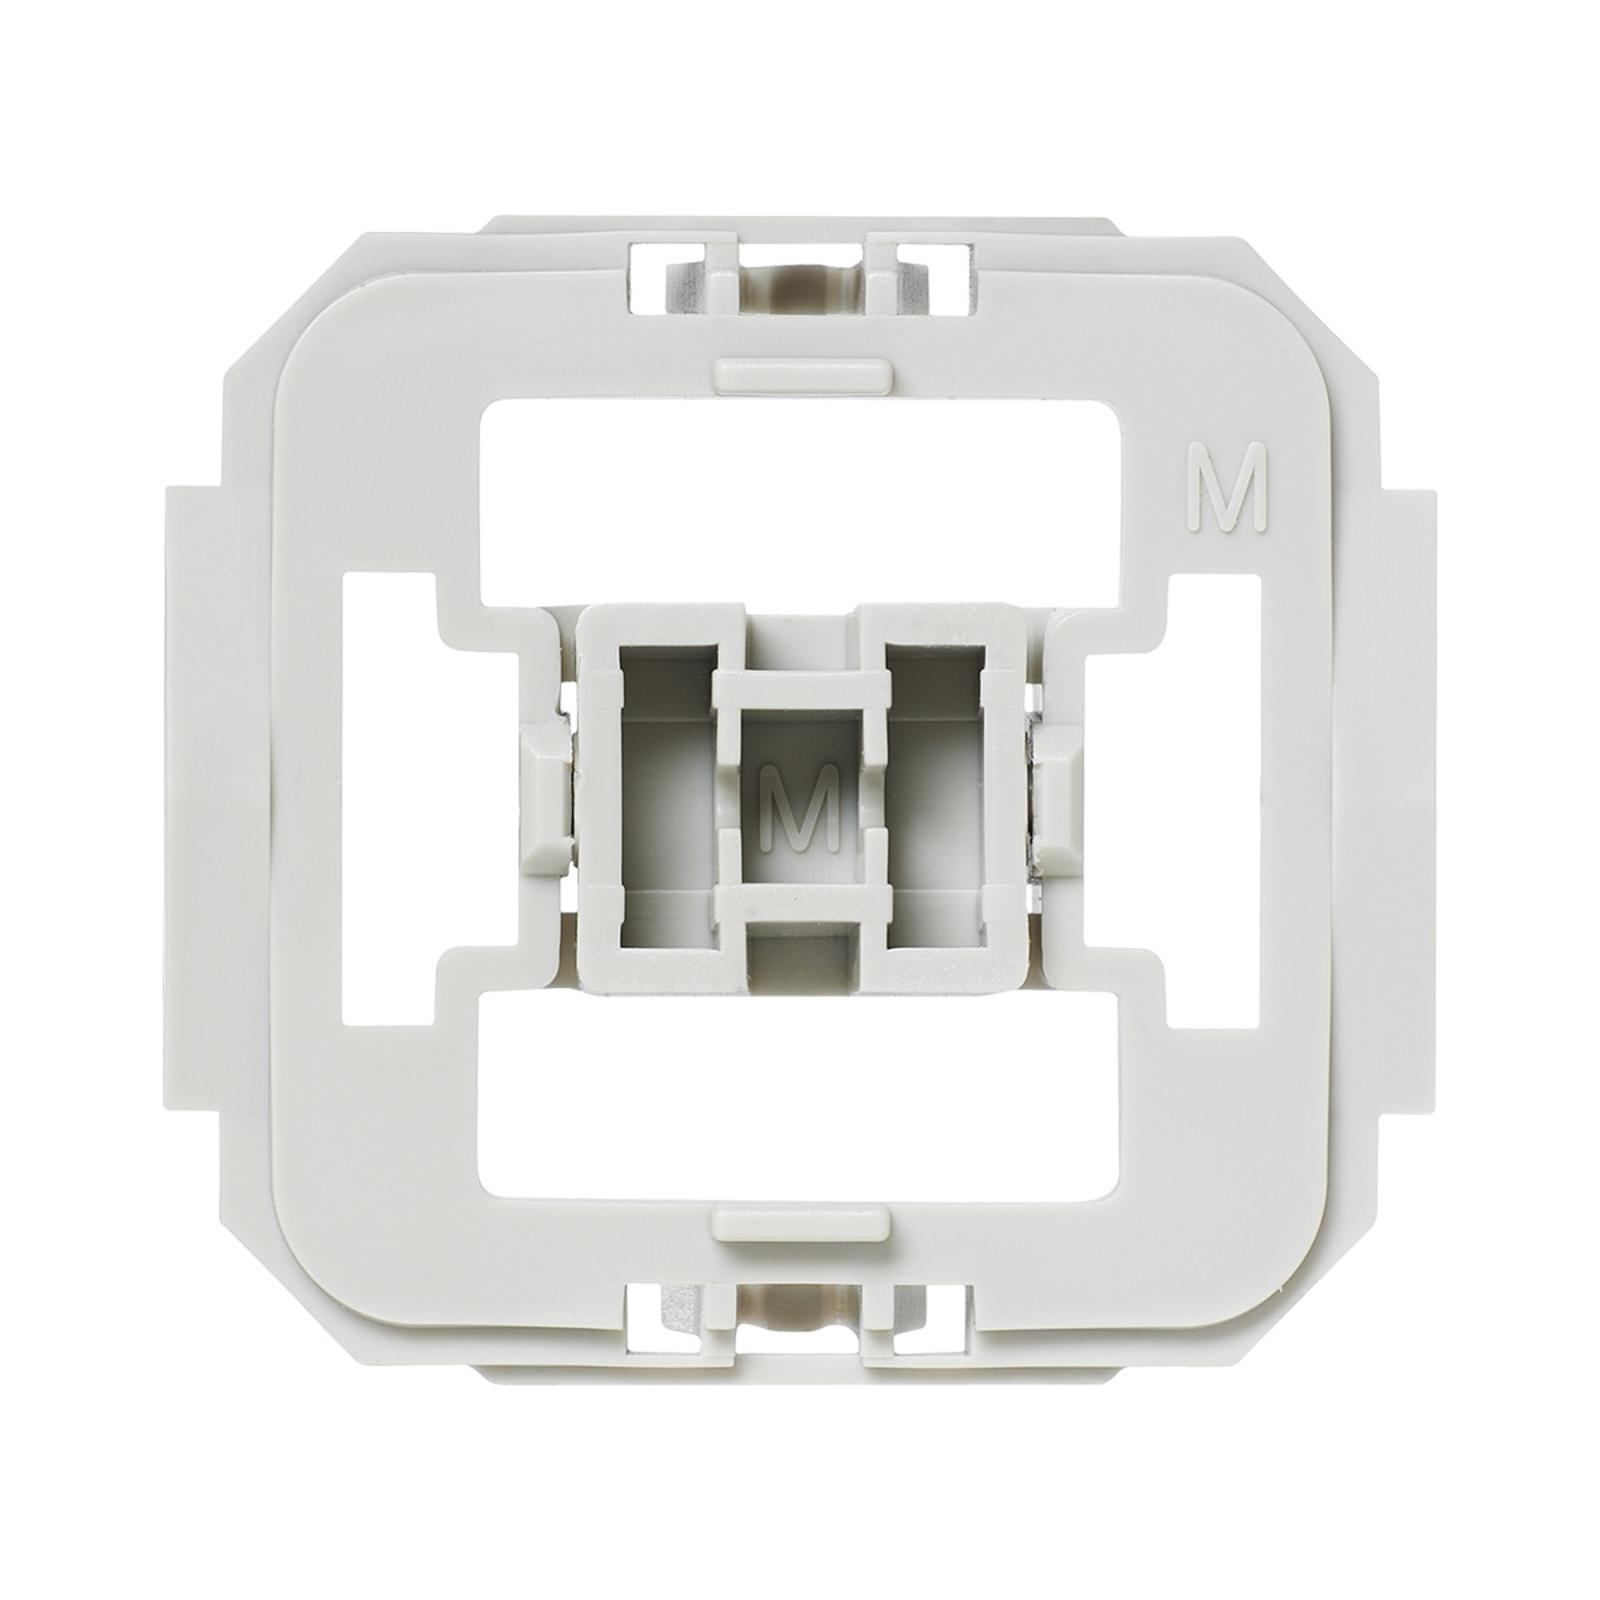 Homematic IP adaptateur interrupteurs Merten 20x